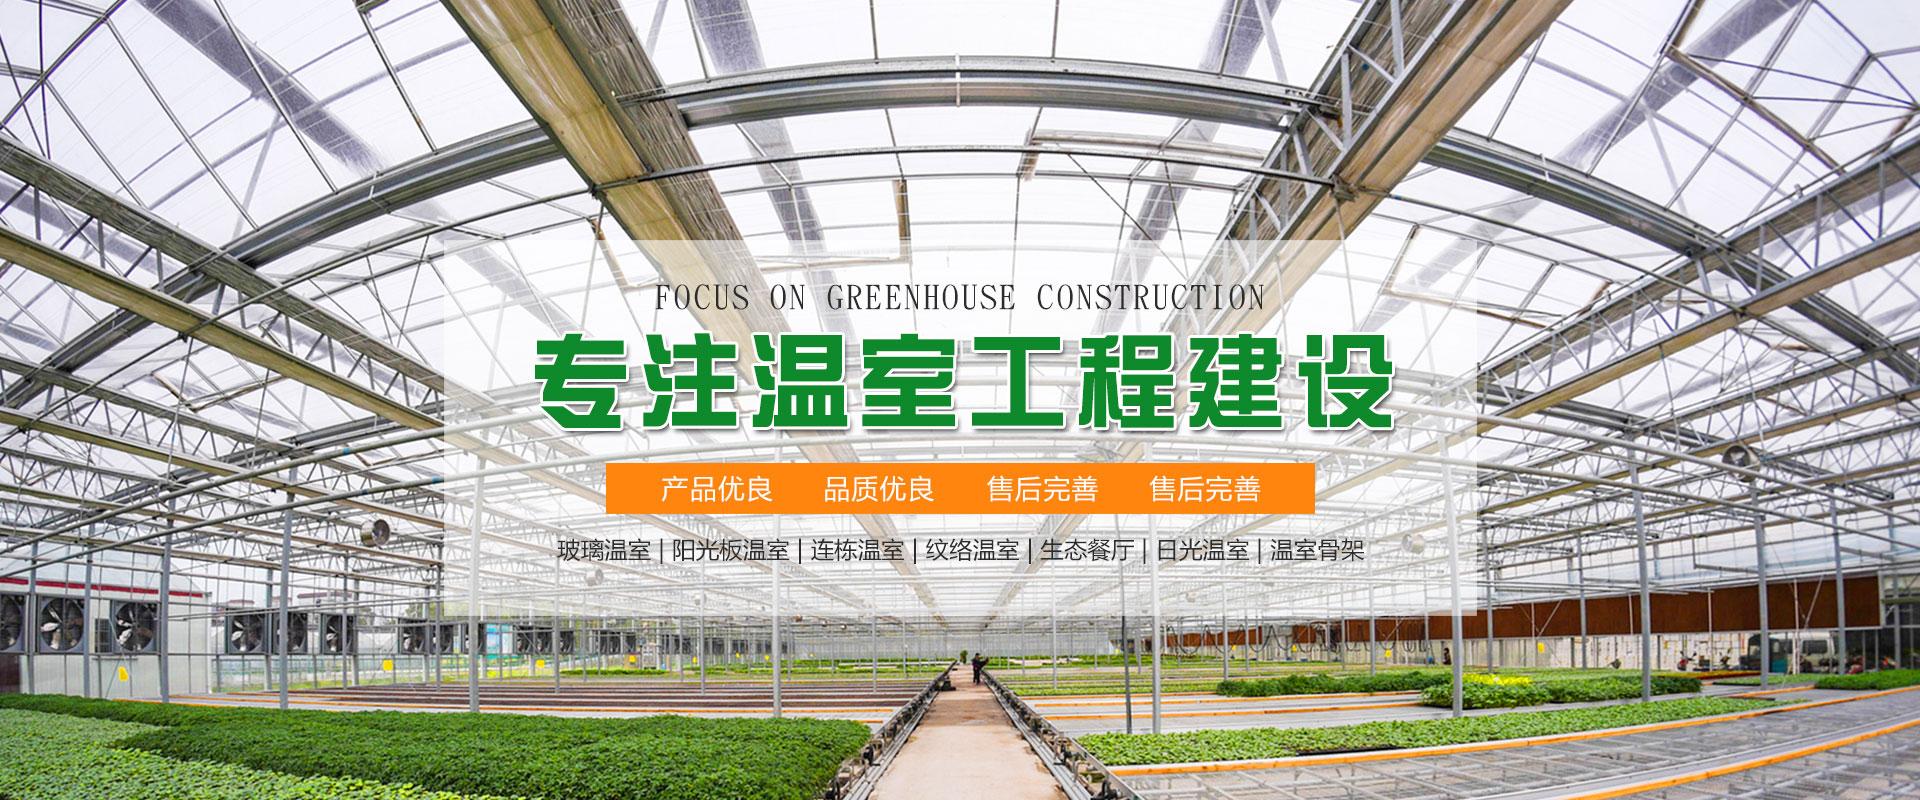 青州市益鑫温室工程有限公司